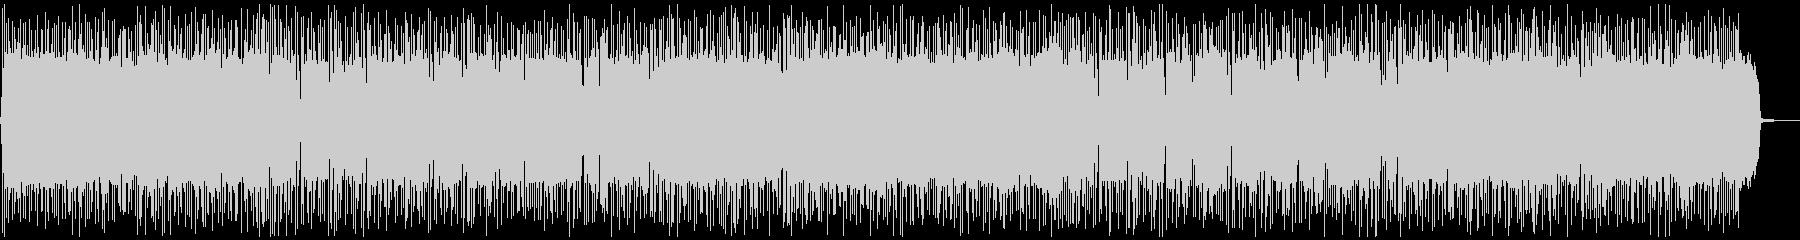 ノリノリ・盛り上がるギターポップ・ロックの未再生の波形